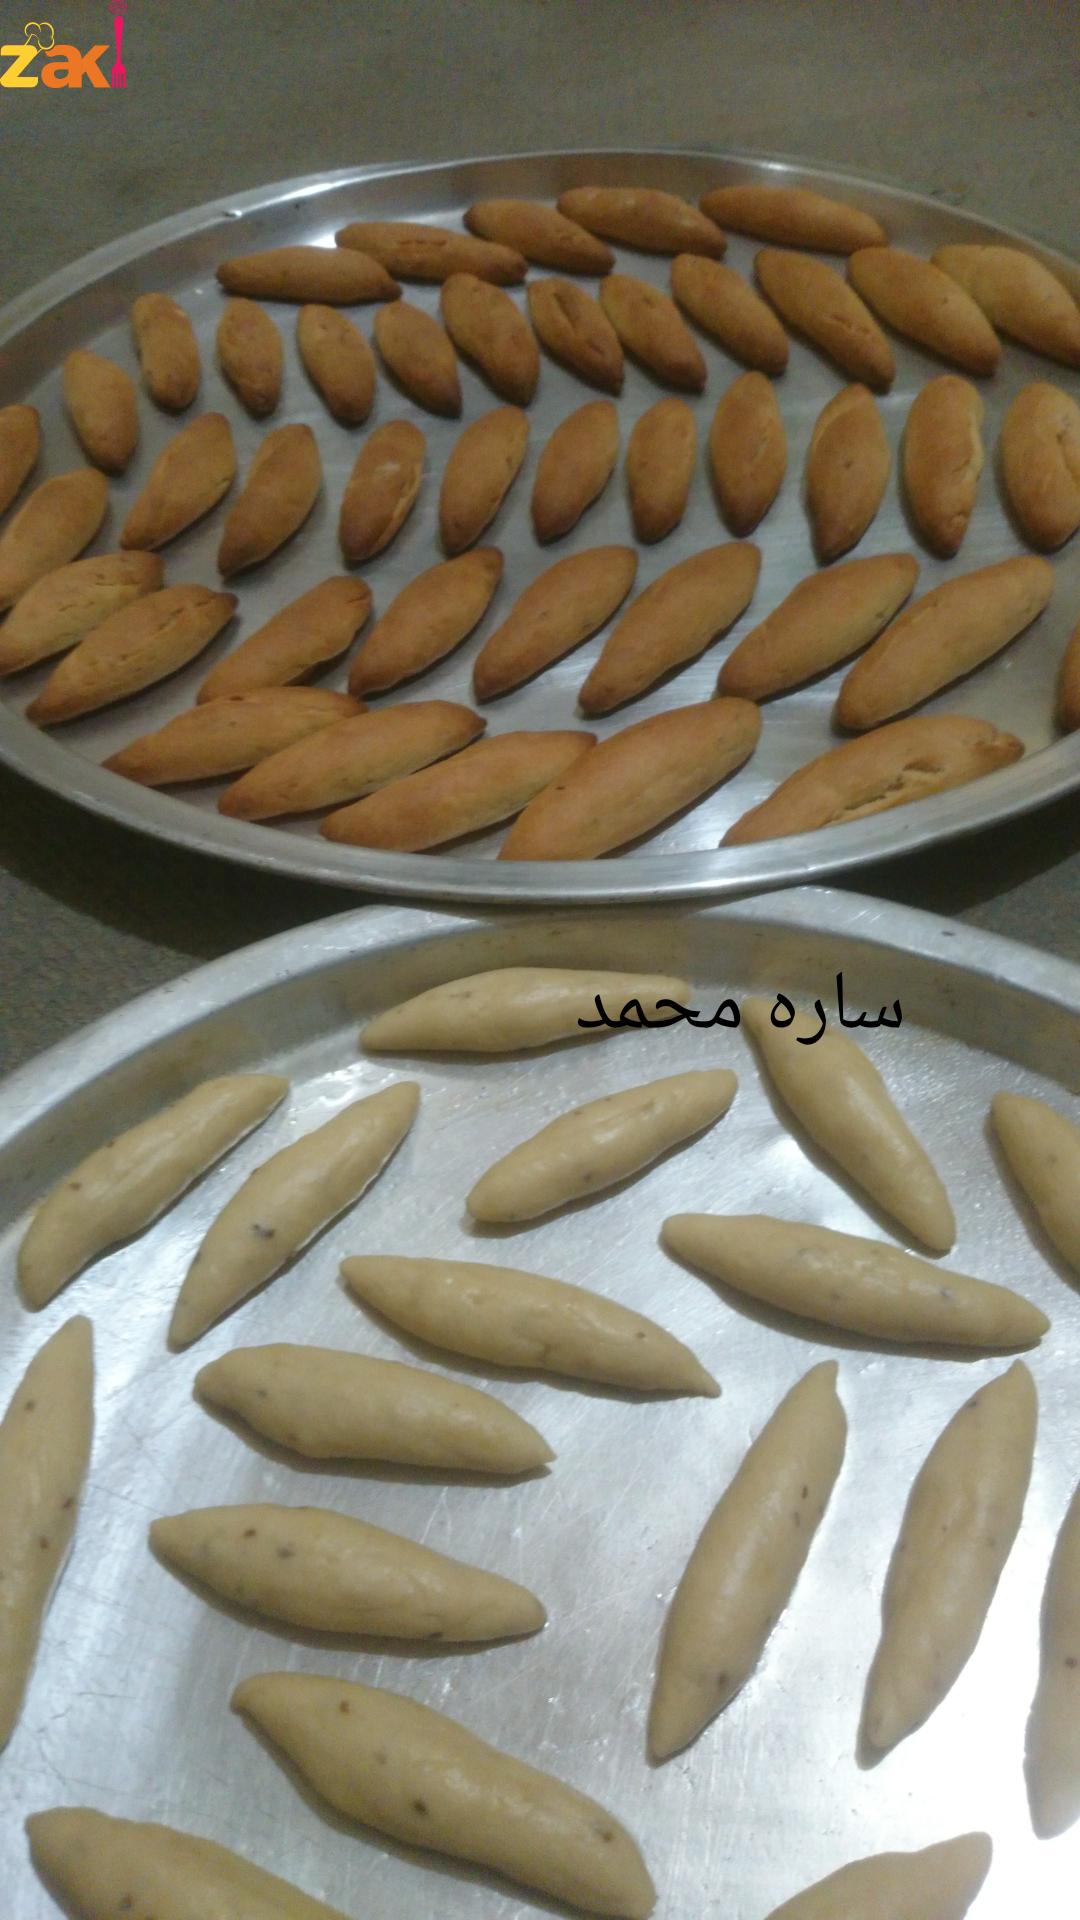 كعك اليانسون زاكي Arabic Food Lebanese Desserts Middle Eastern Desserts